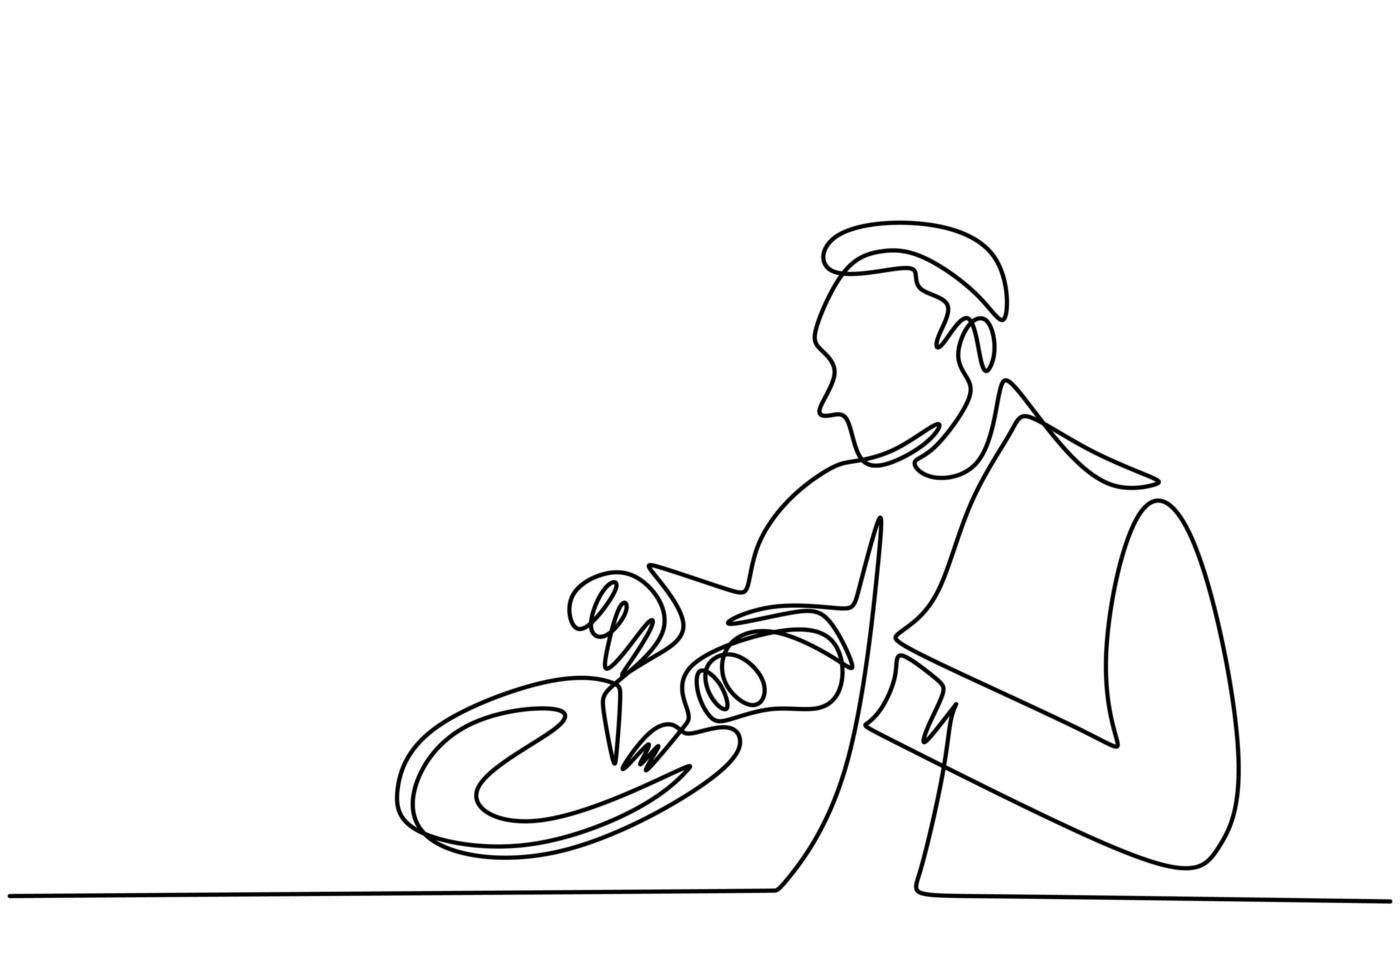 dibujo continuo de una línea, vector de hombre desayunando. diseño minimalista con simplicidad dibujado a mano aislado sobre fondo blanco.